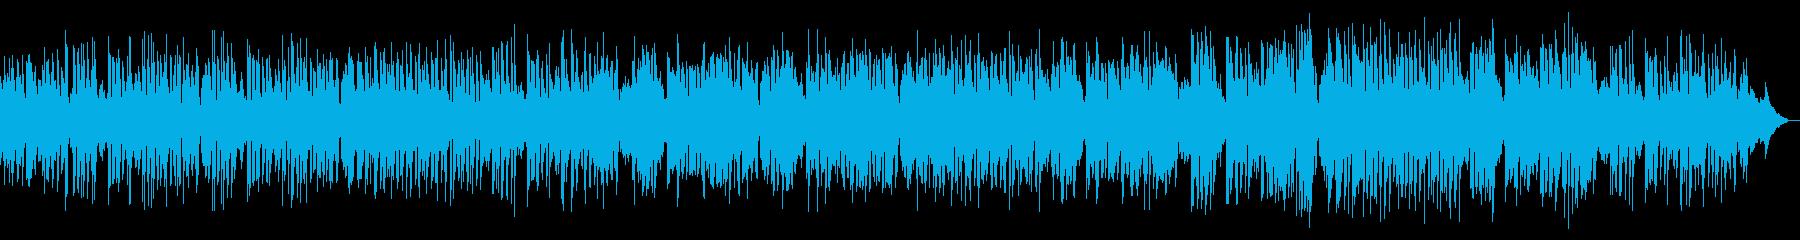 ピアノ中心でウキウキするメロディアス楽曲の再生済みの波形